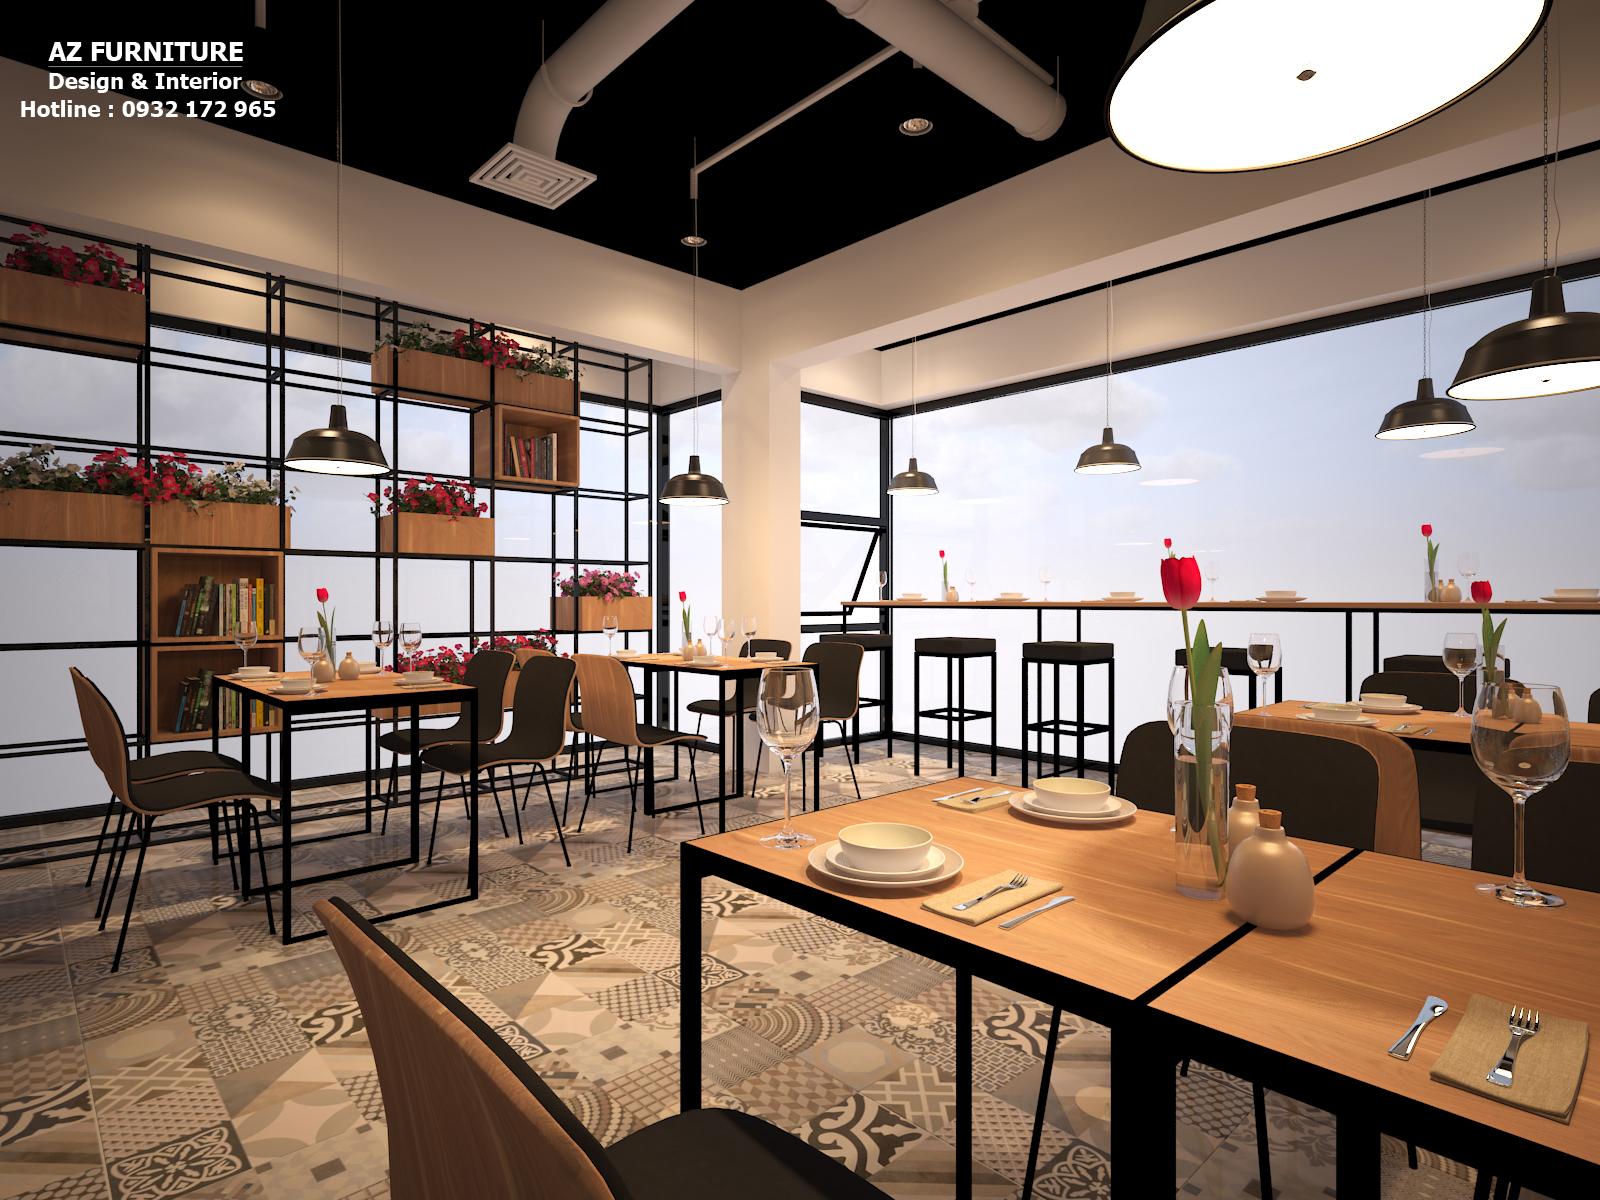 Nội thất bên trong nhà hàng, quán cafe sang trọng